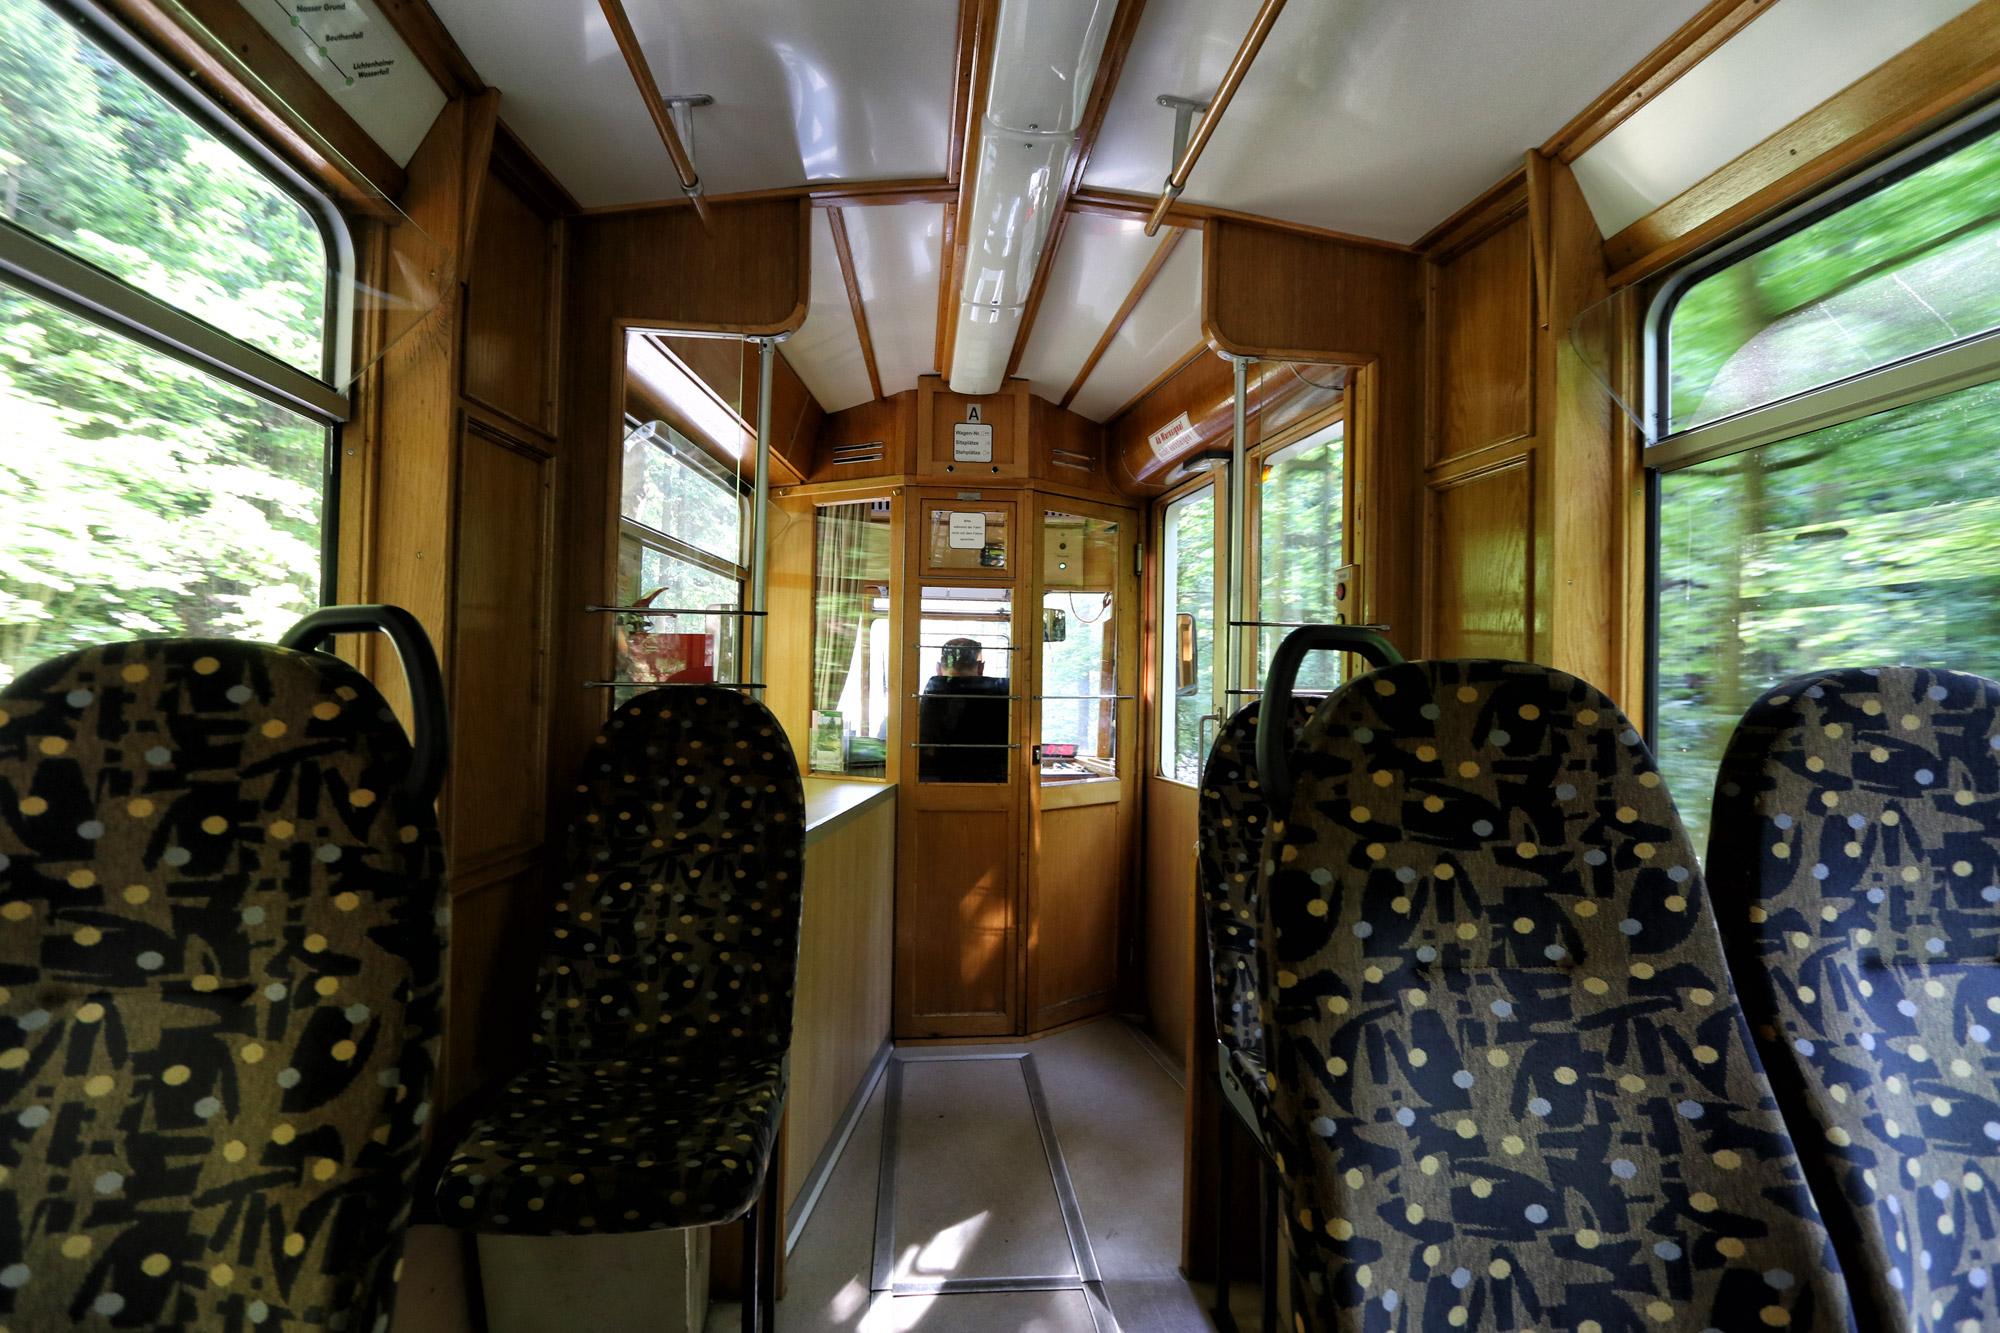 Malerweg Etappe 5 - Kirnitzschtalbahn